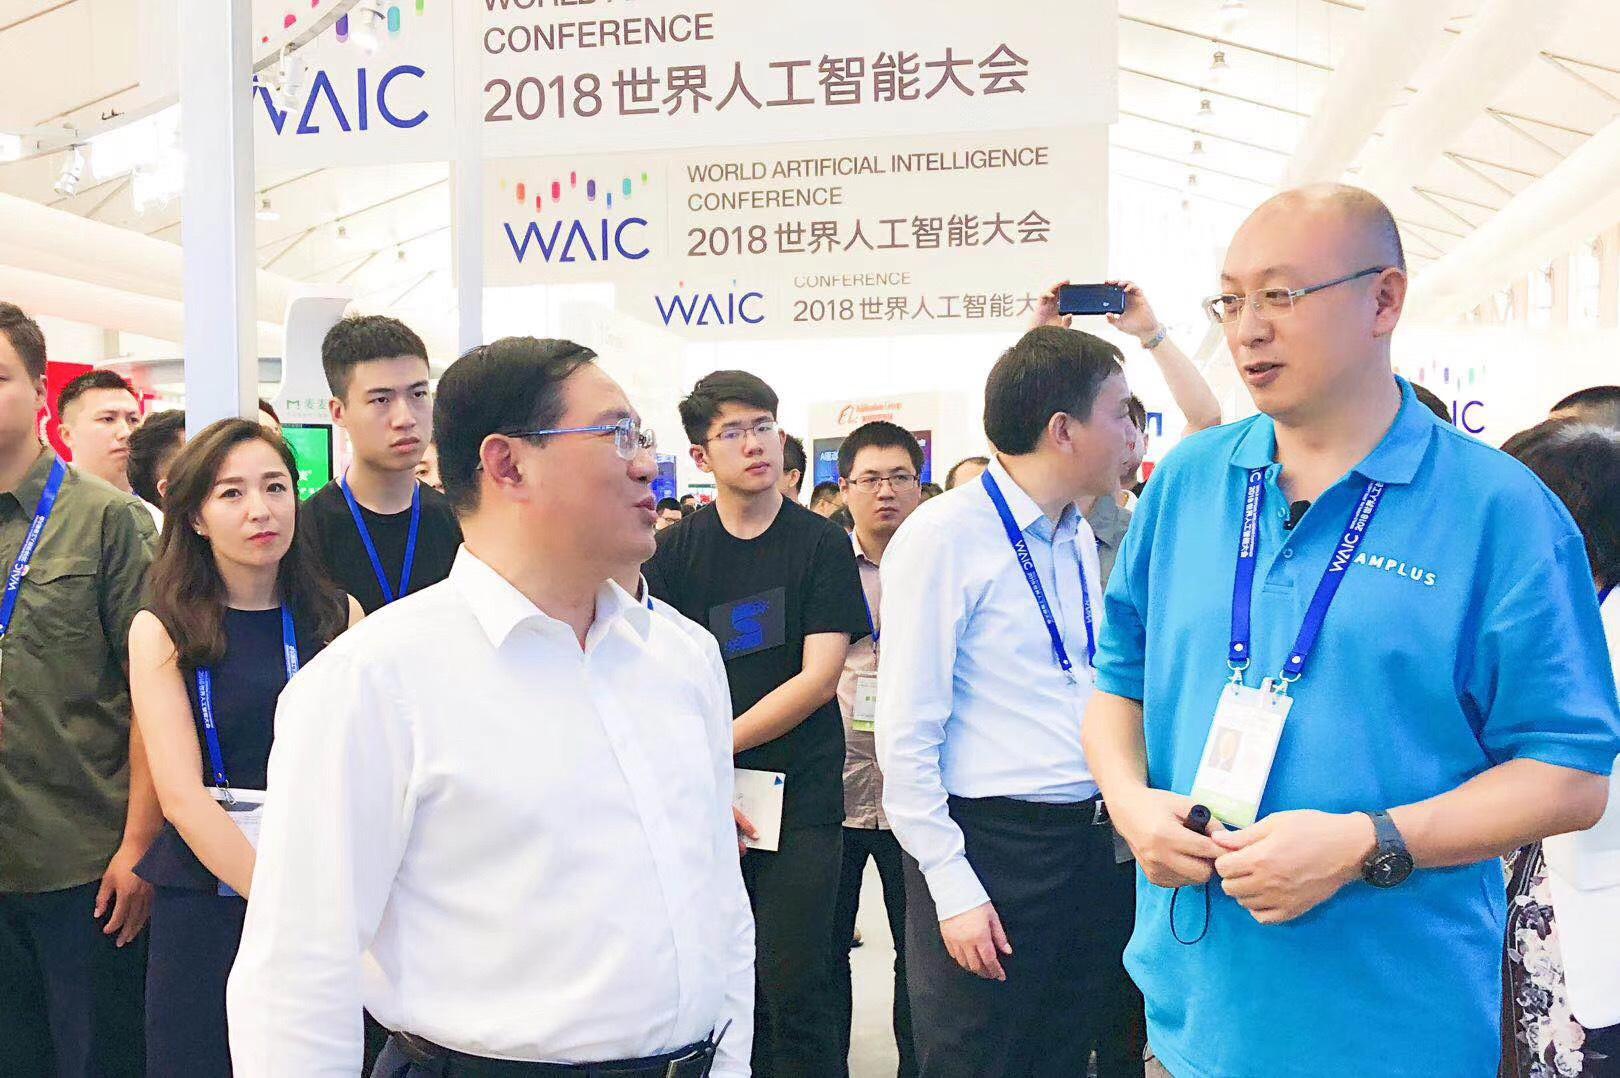 上海市委书记李强在晶赞科技CEO汤奇峰的陪同下视察人工智能大会城市智脑展